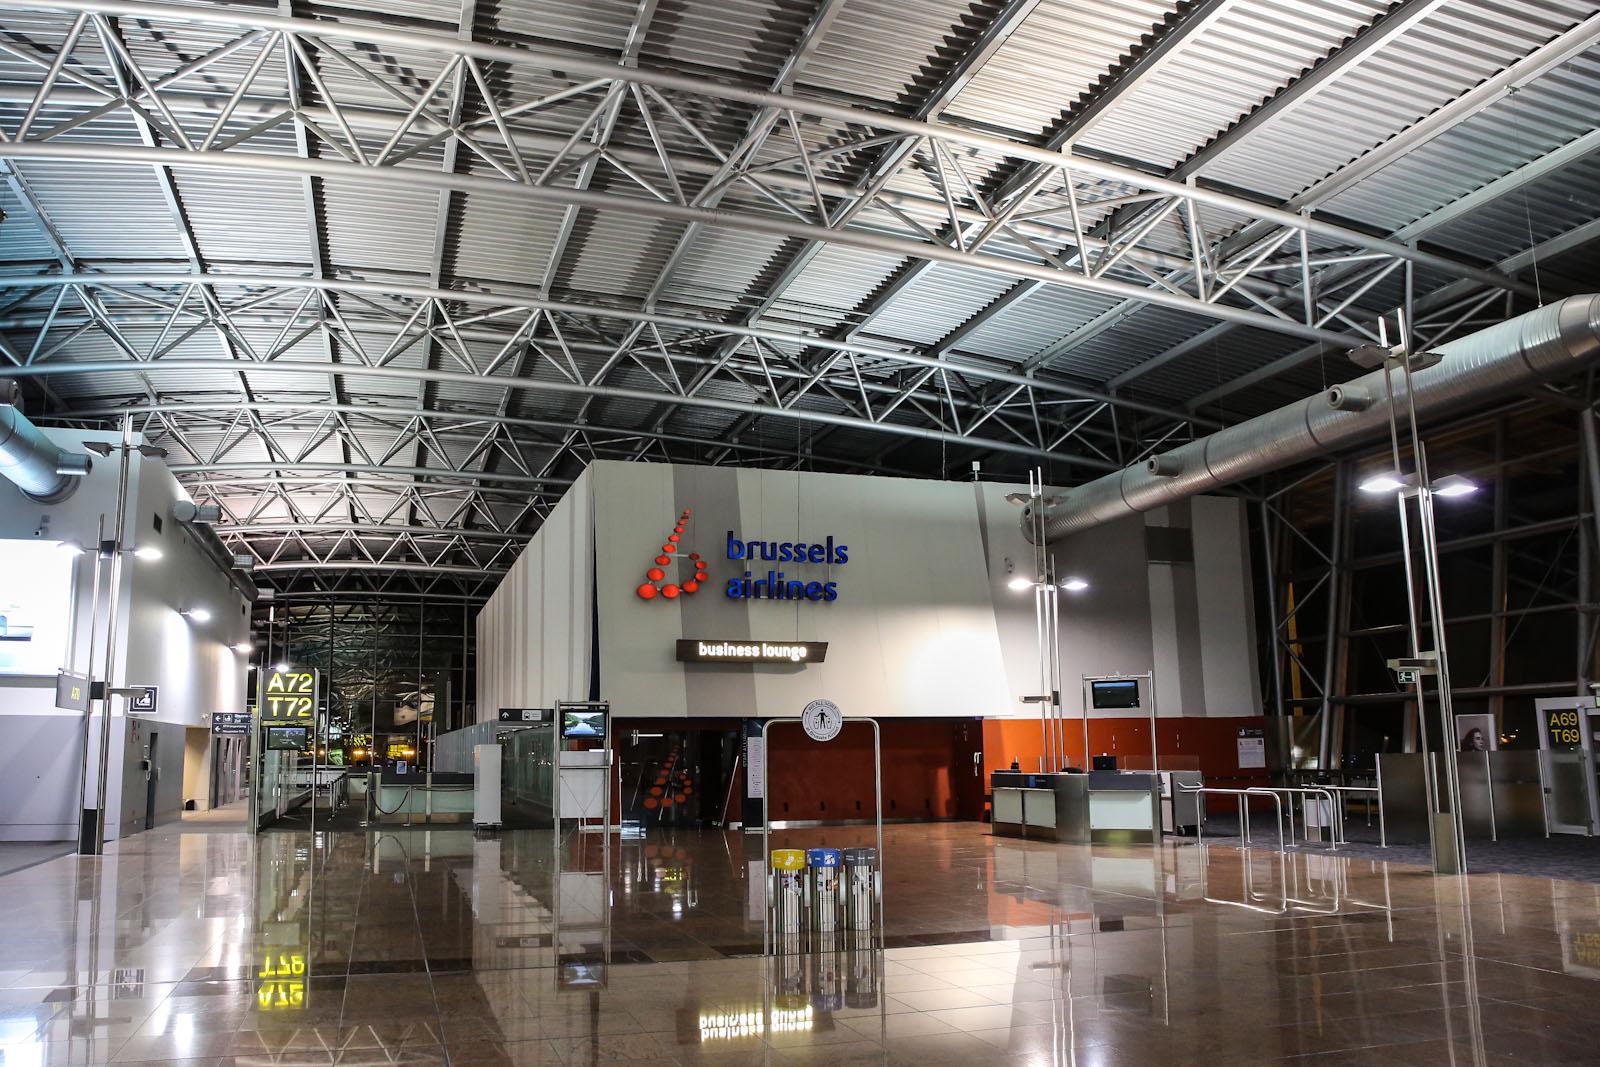 Бизнес-зал Brussels Airlines в пирсе А аэропорта Брюссель